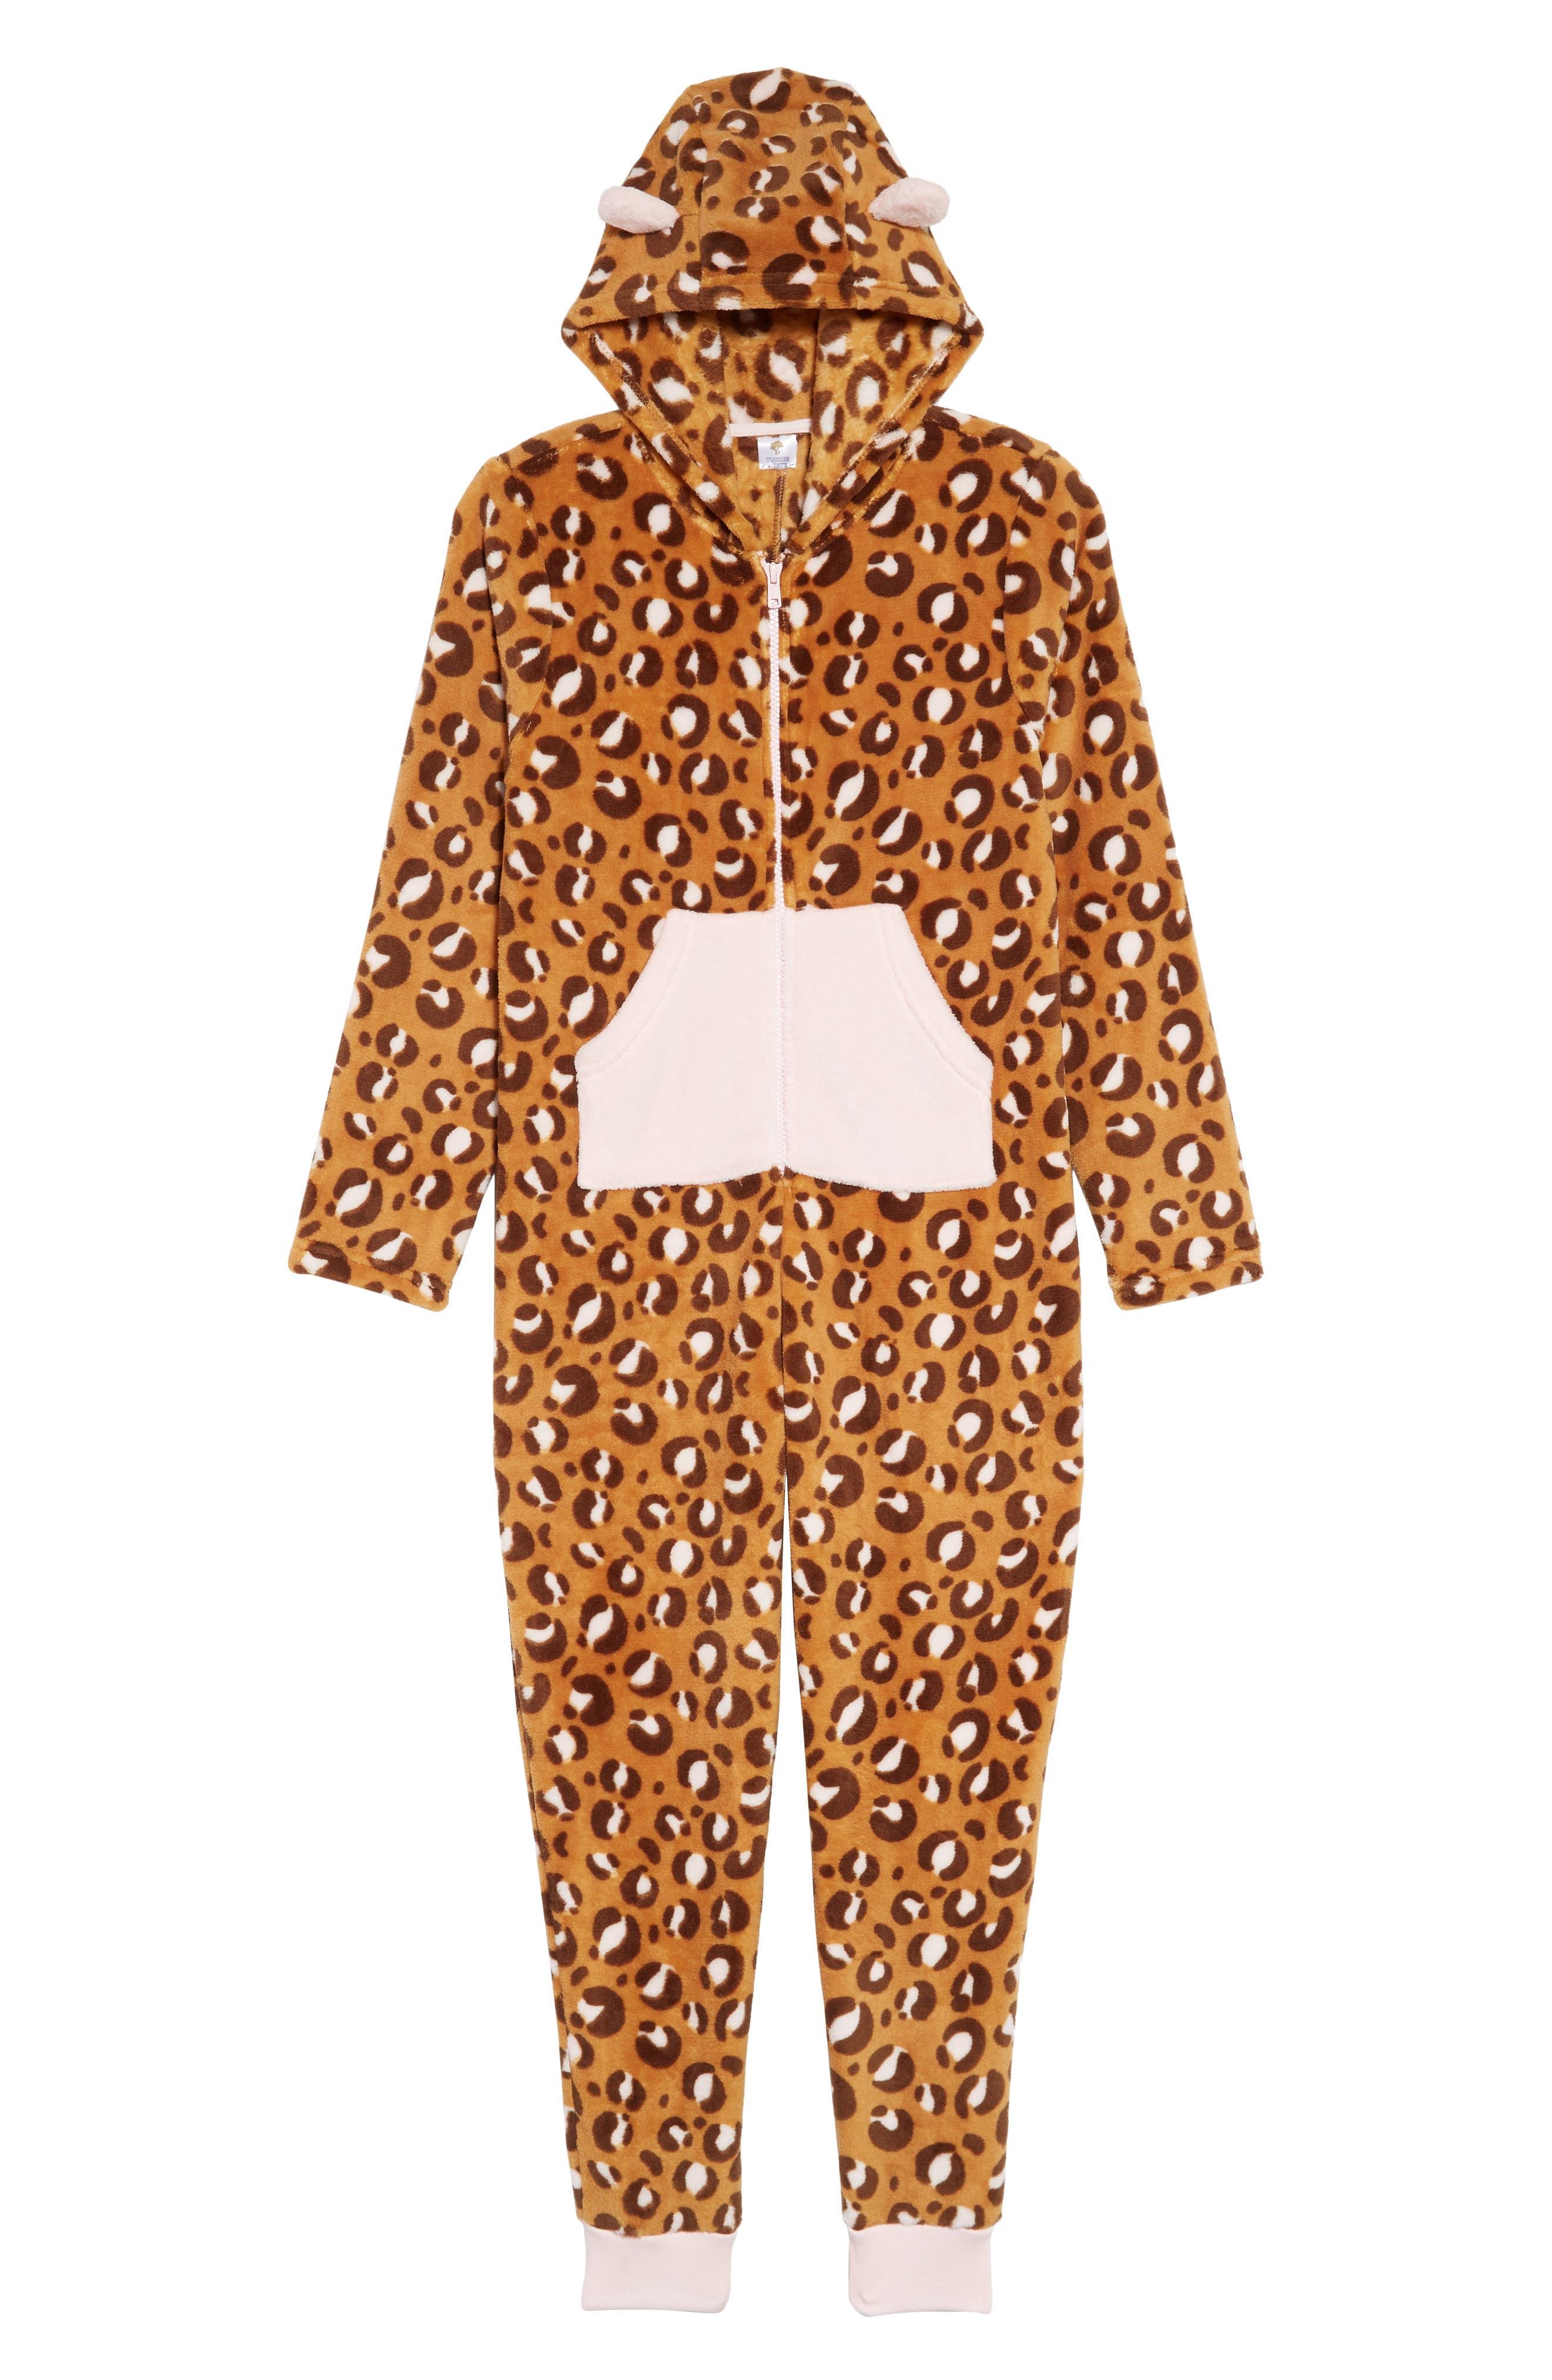 One-Piece Pajamas,                             Main thumbnail 1, color,                             TAN DALE PUNK CHEETAH